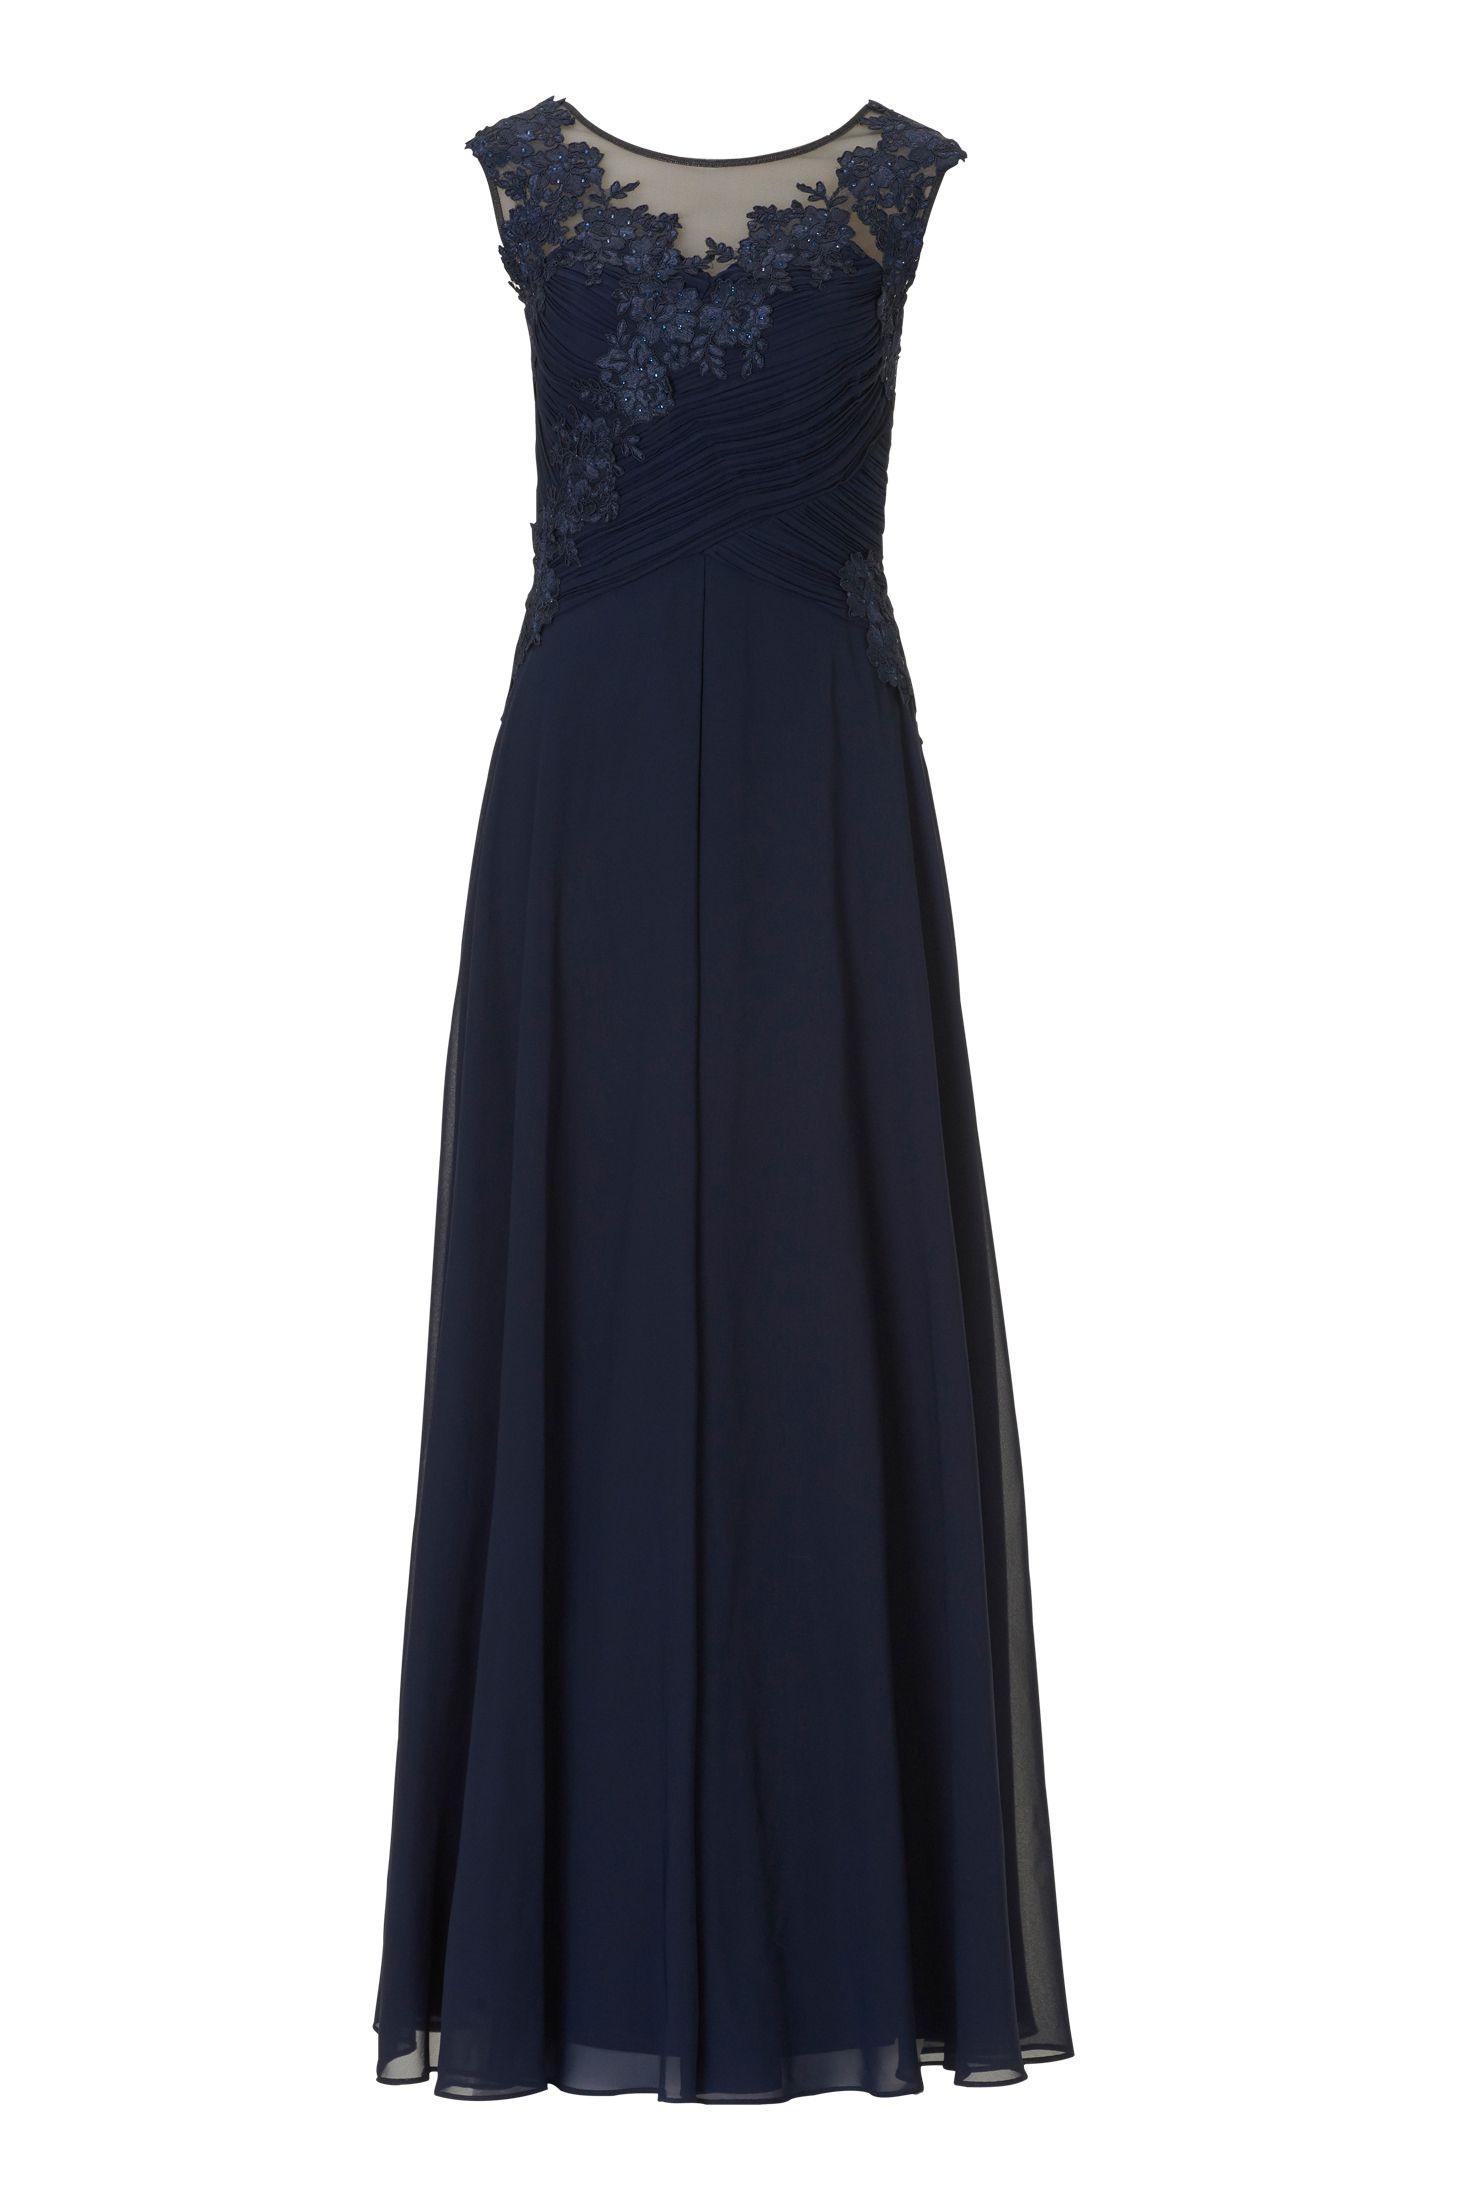 13 Spektakulär Abend Kleid Auf Rechnung StylishDesigner Schön Abend Kleid Auf Rechnung Boutique